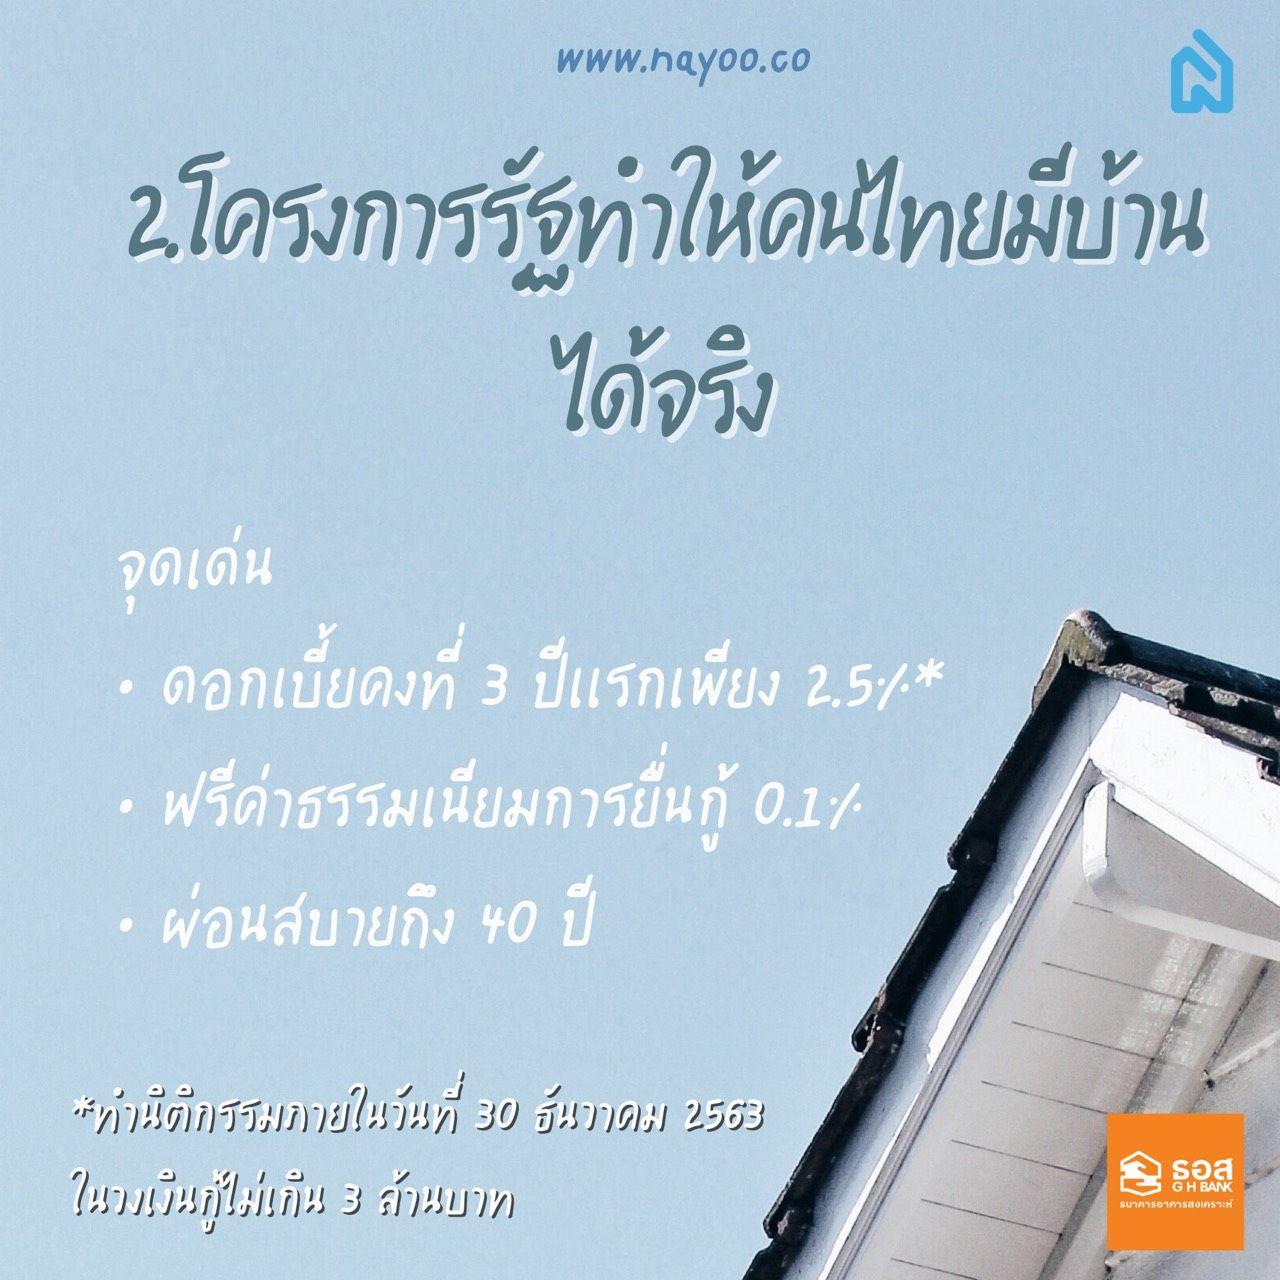 โครงการรัฐทำให้คนไทยมีบ้านได้จริง ธอส. ดอกเบี้ยถูก